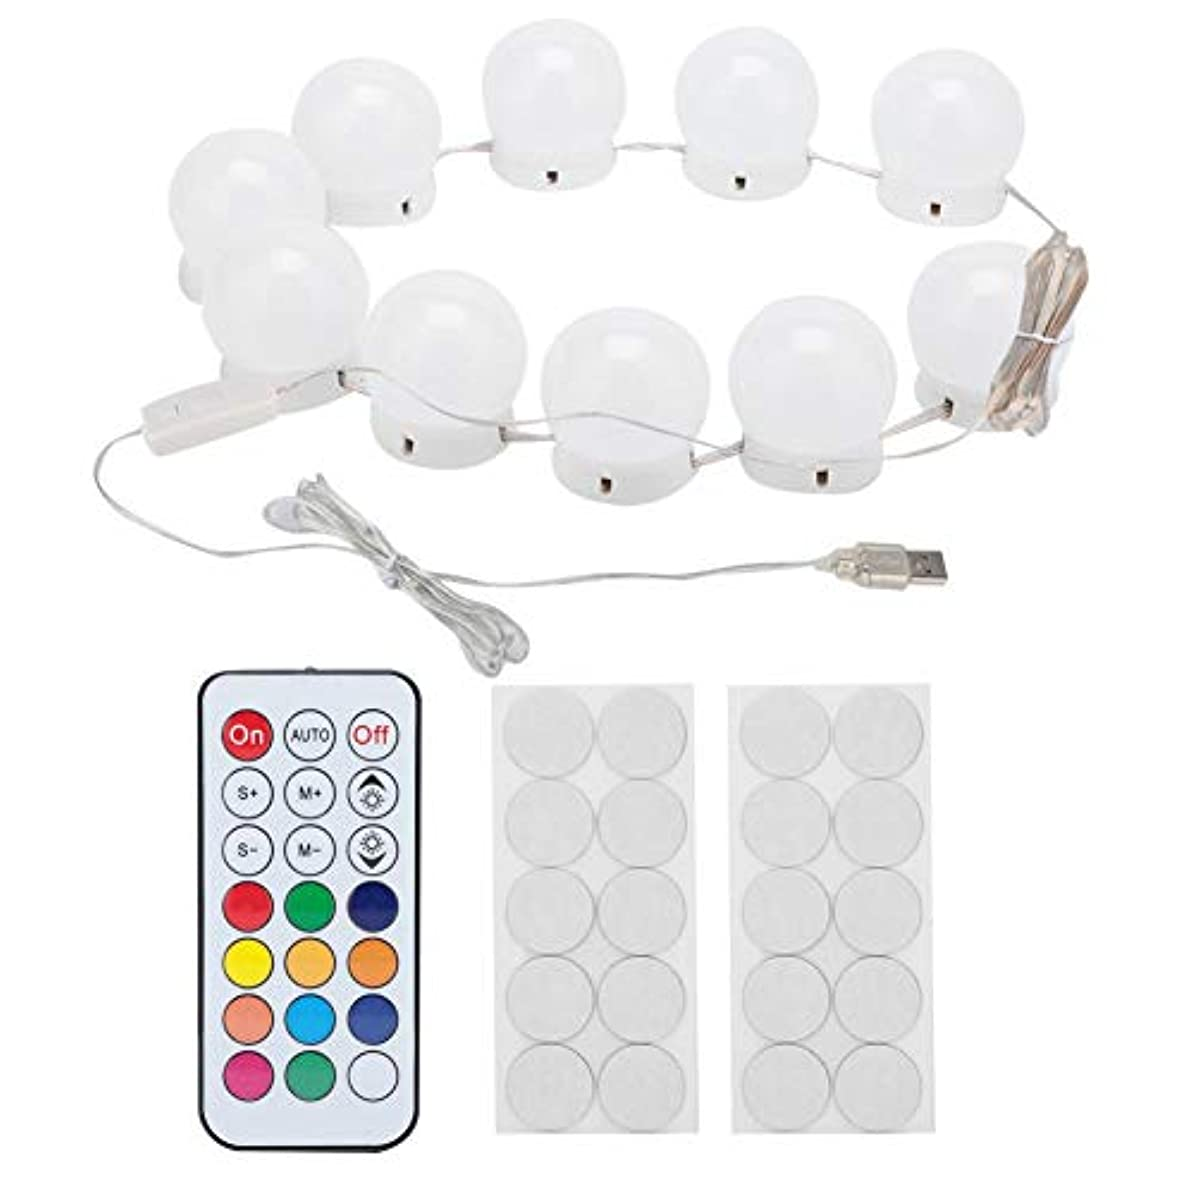 契約ランプ異形化粧鏡ラ??イトキット 10 LED付き調 光ライトストリング電球バニティライト バスルーム 化粧鏡に最適